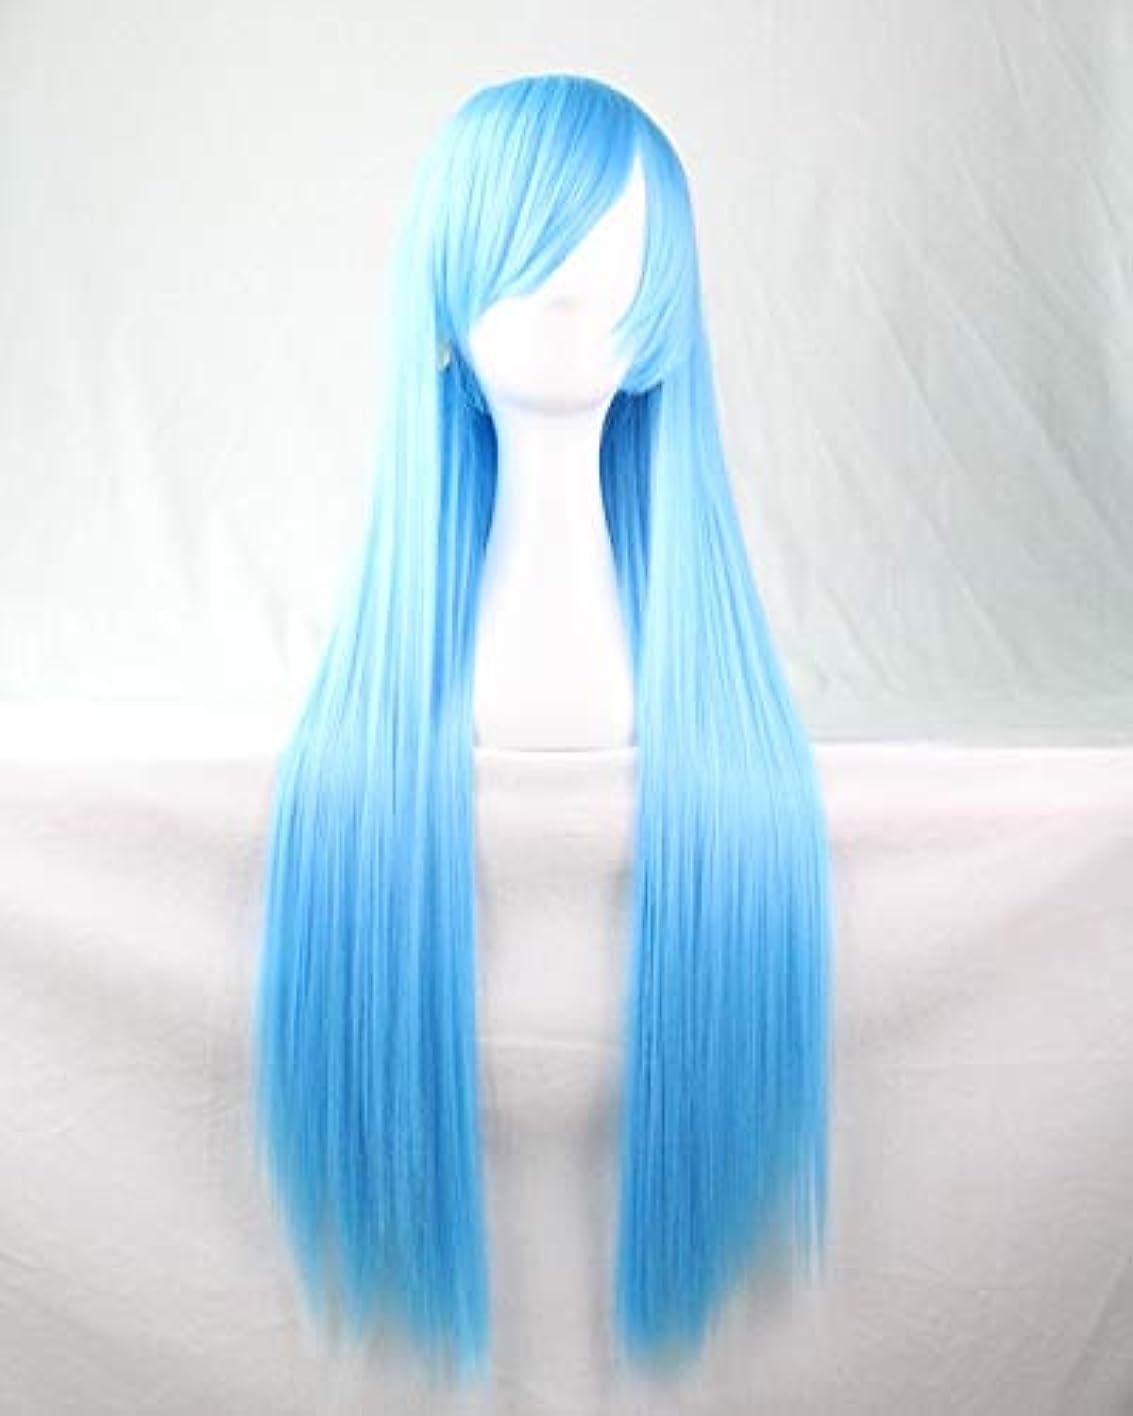 守銭奴努力コミット女性のためのかつらキャップロングファンシードレスストレートウィッグ高品質な人工毛コスプレ高密度ウィッグ女性と女の子のためのかつら31.5インチ (Color : Aqua blue)